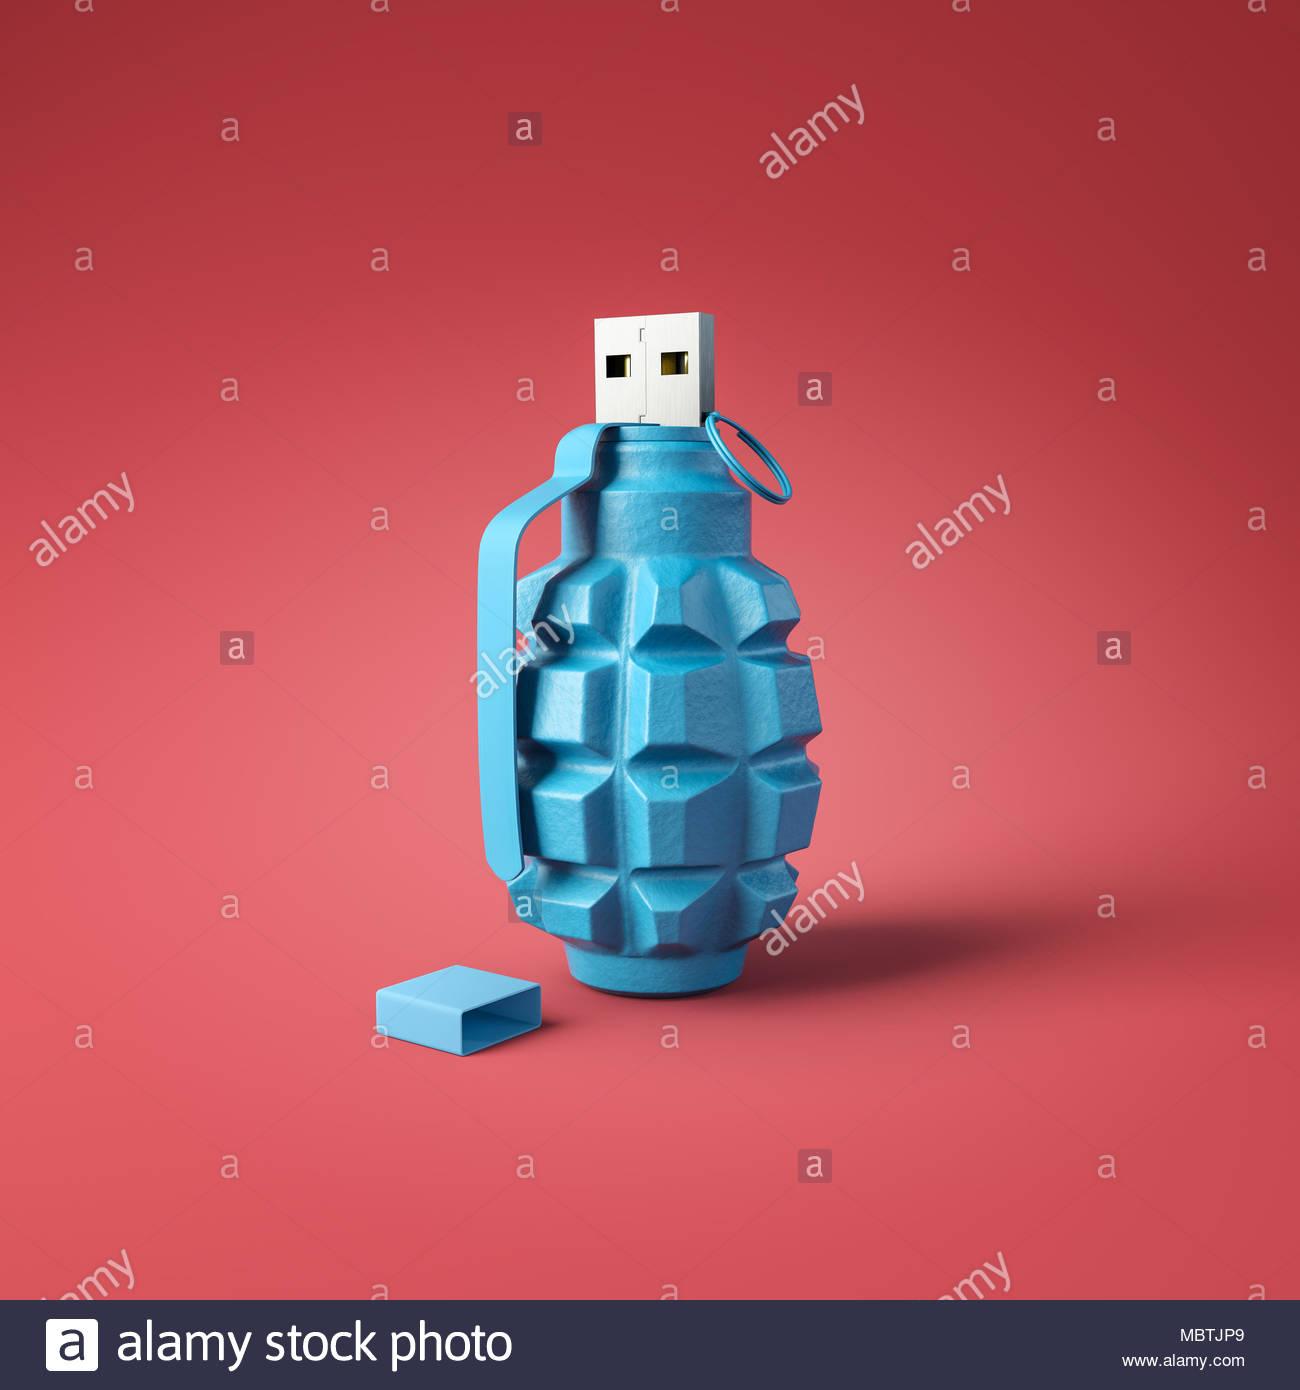 Flash Drive USB-Pen sichere Daten Design auf dem Roten Platz Hintergrund. Datenschutz minimalen Begriff Stockbild